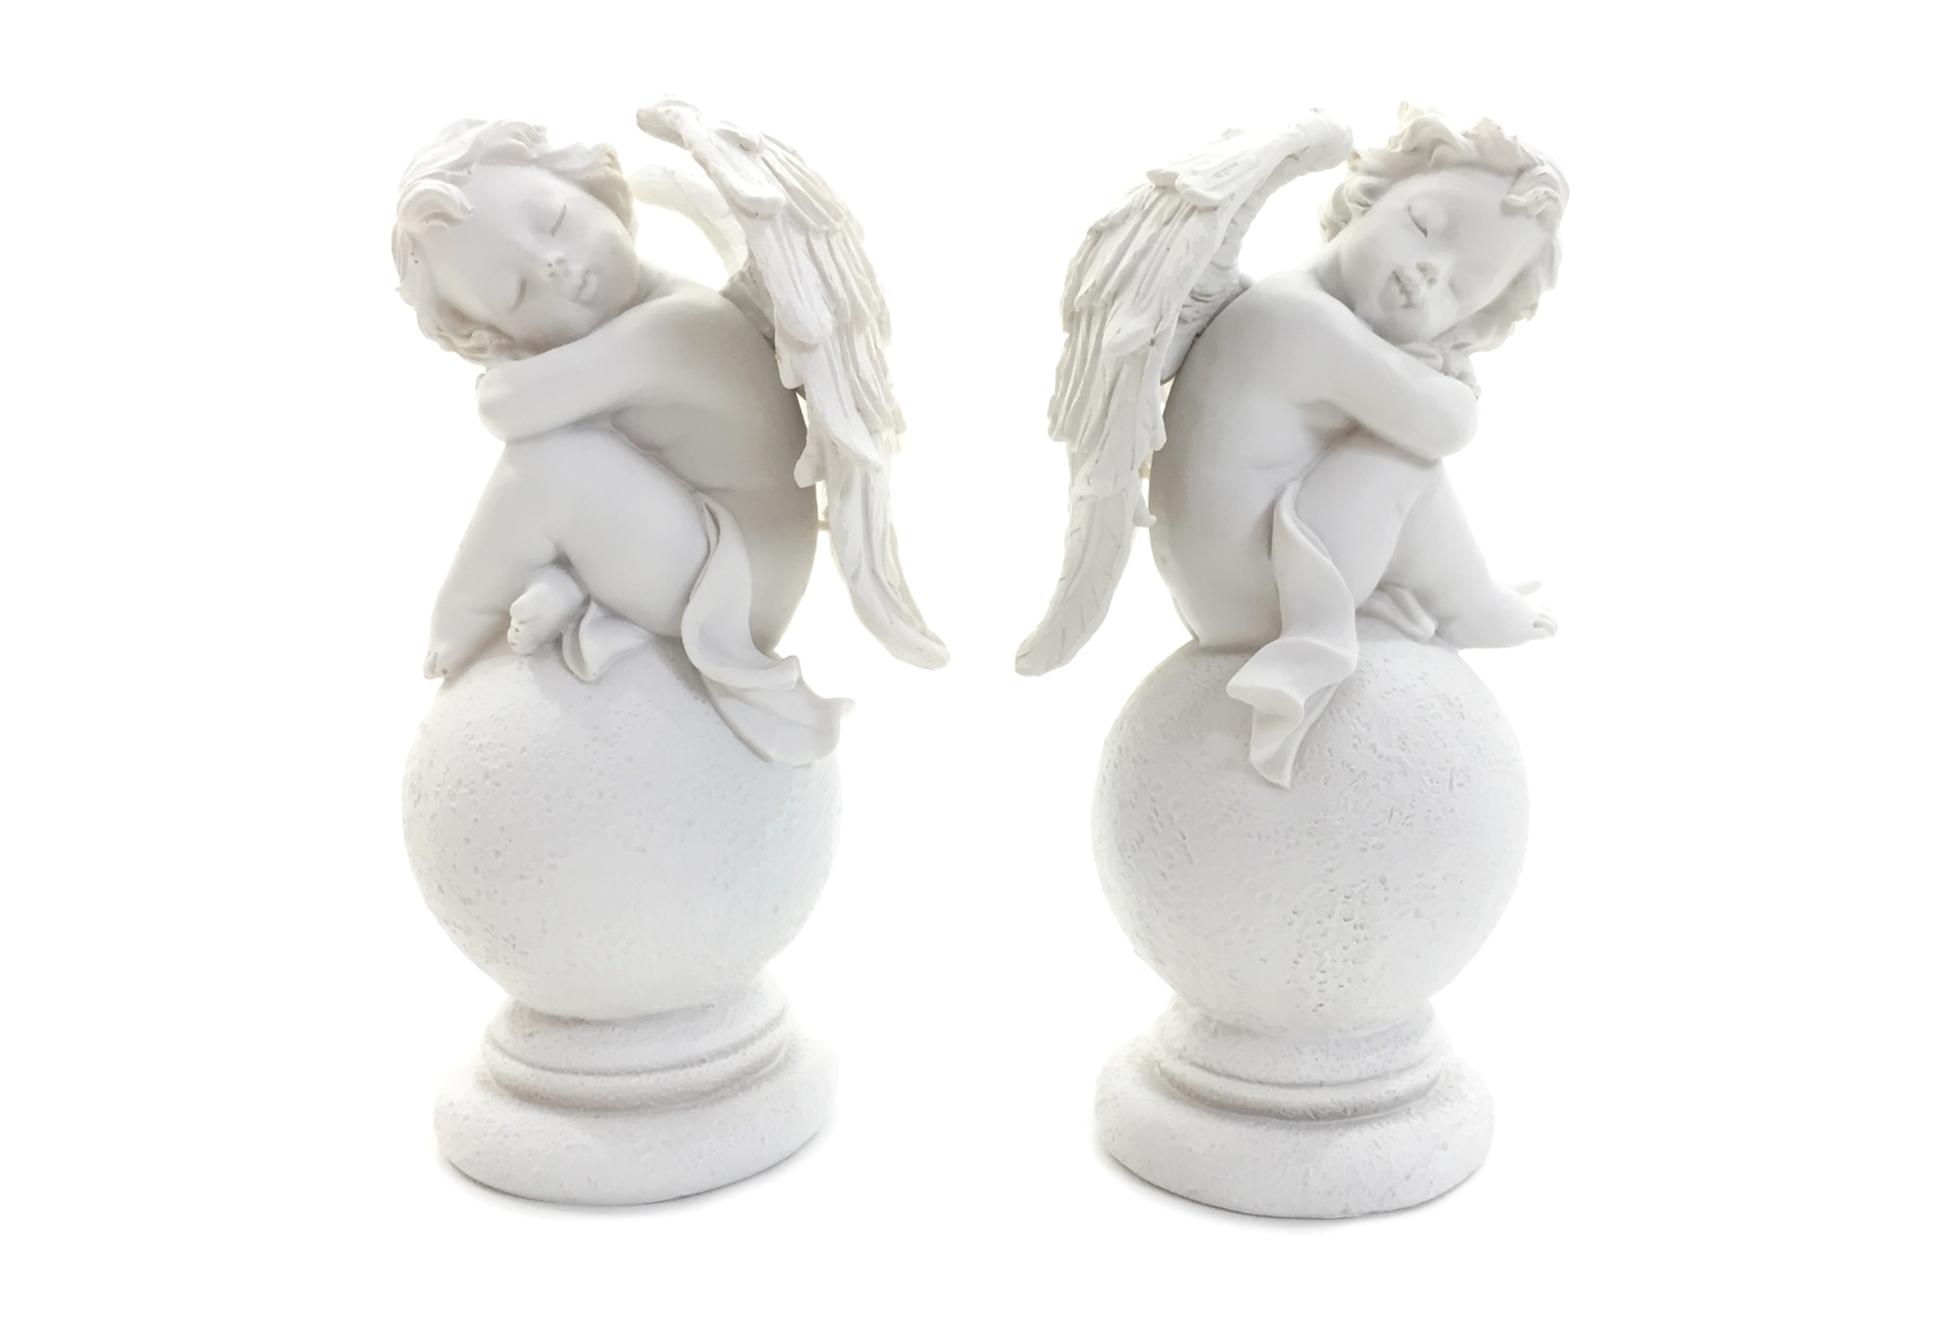 Anges sur boule (LOT DE 2 PIÈCES)